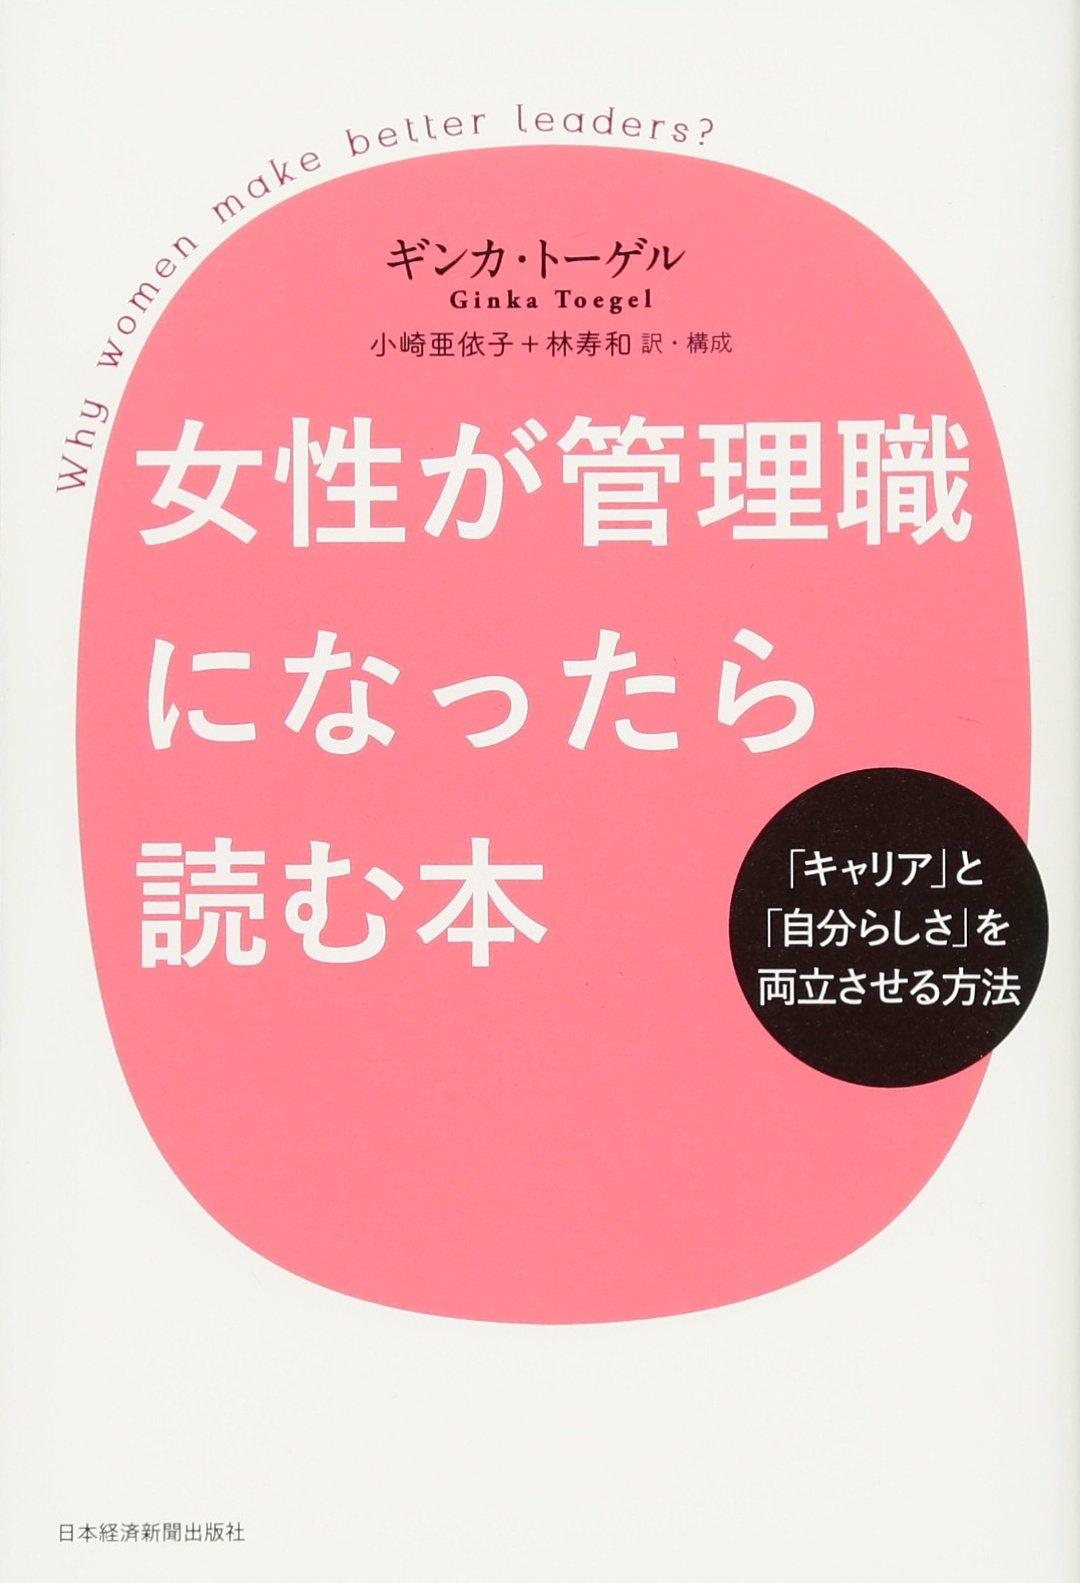 女性が管理職になったら読む本 著:ギンカ・トーゲル